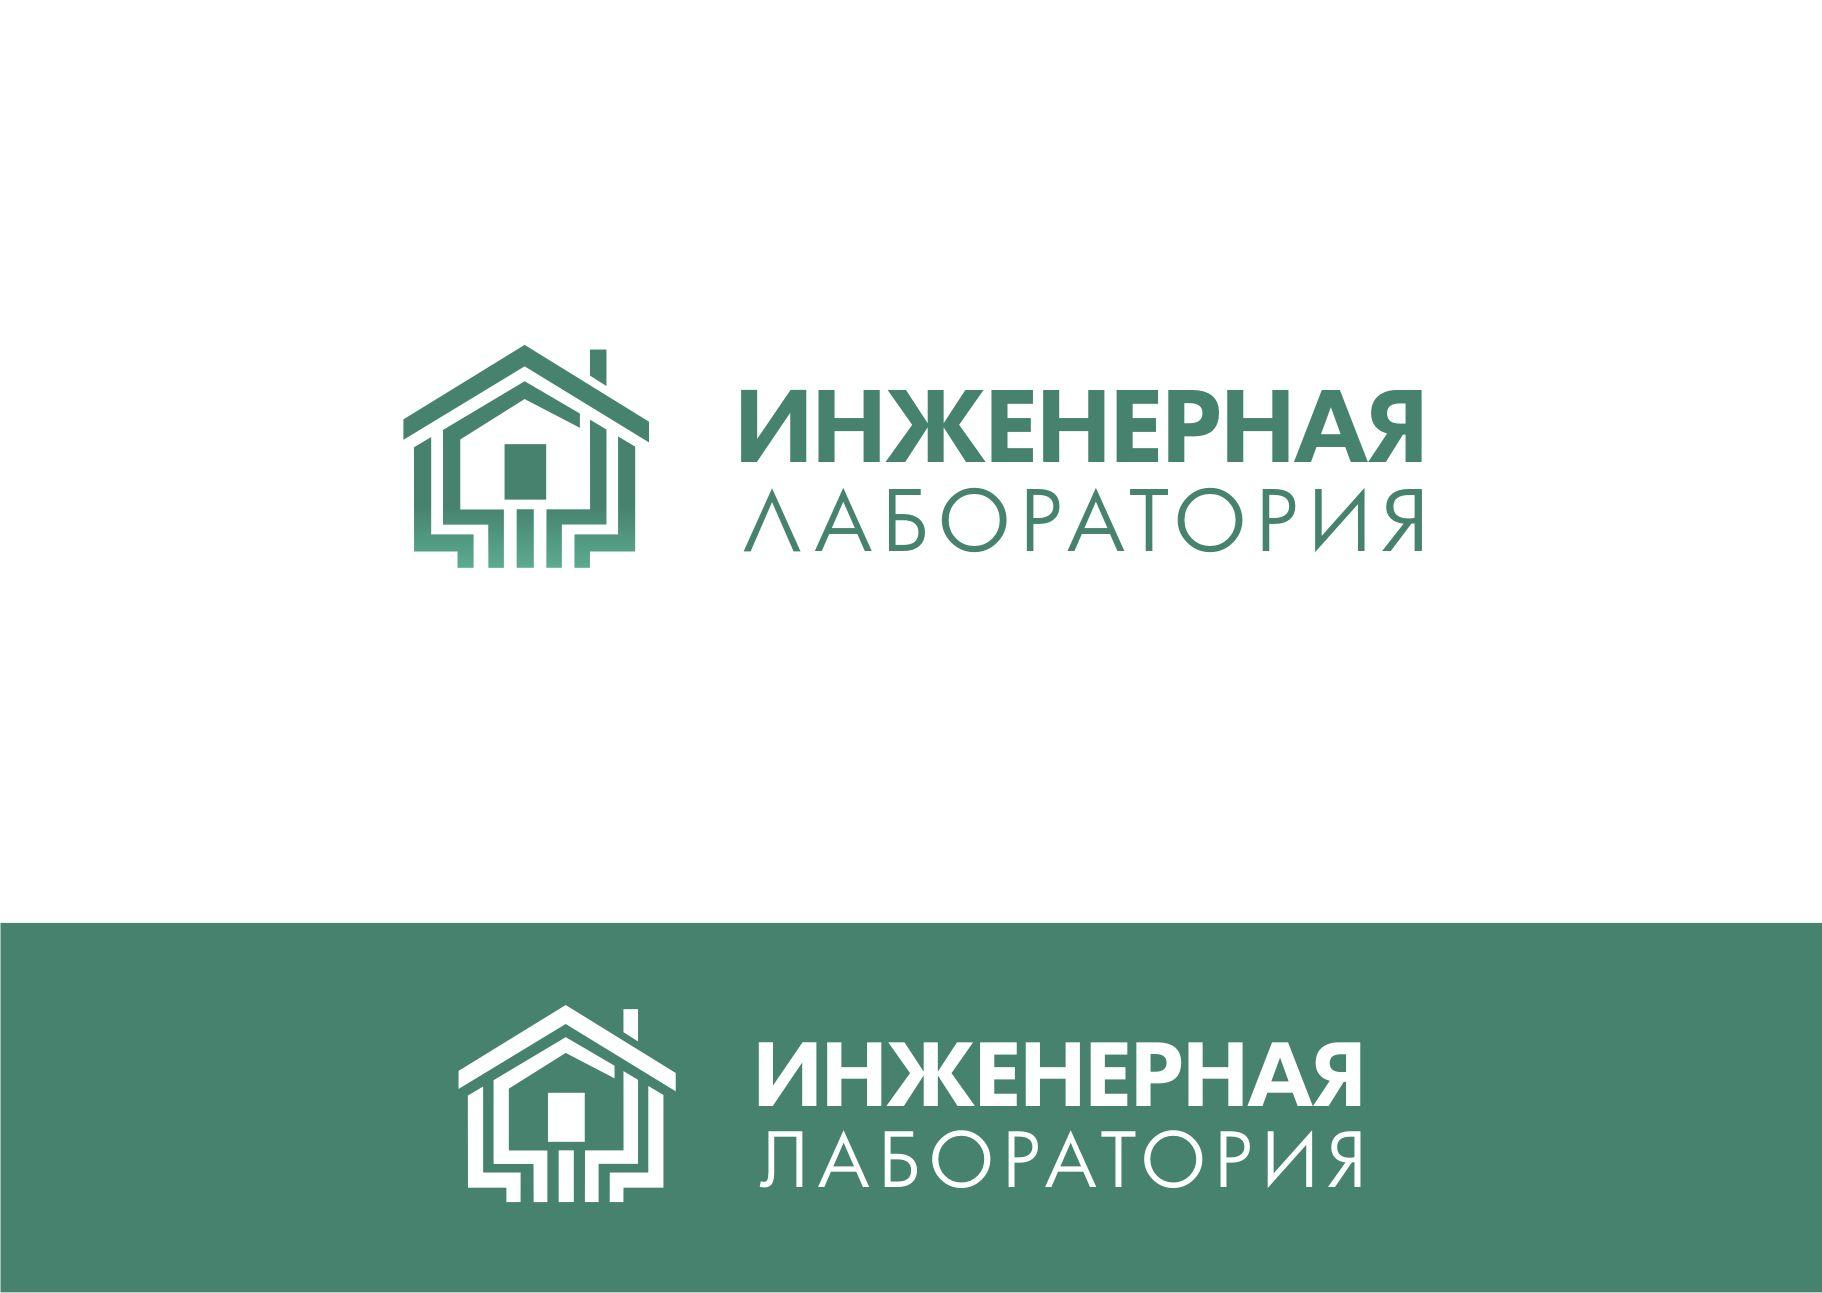 Лого и фирменный стиль для Инженерная лаборатория  - дизайнер Andrew3D